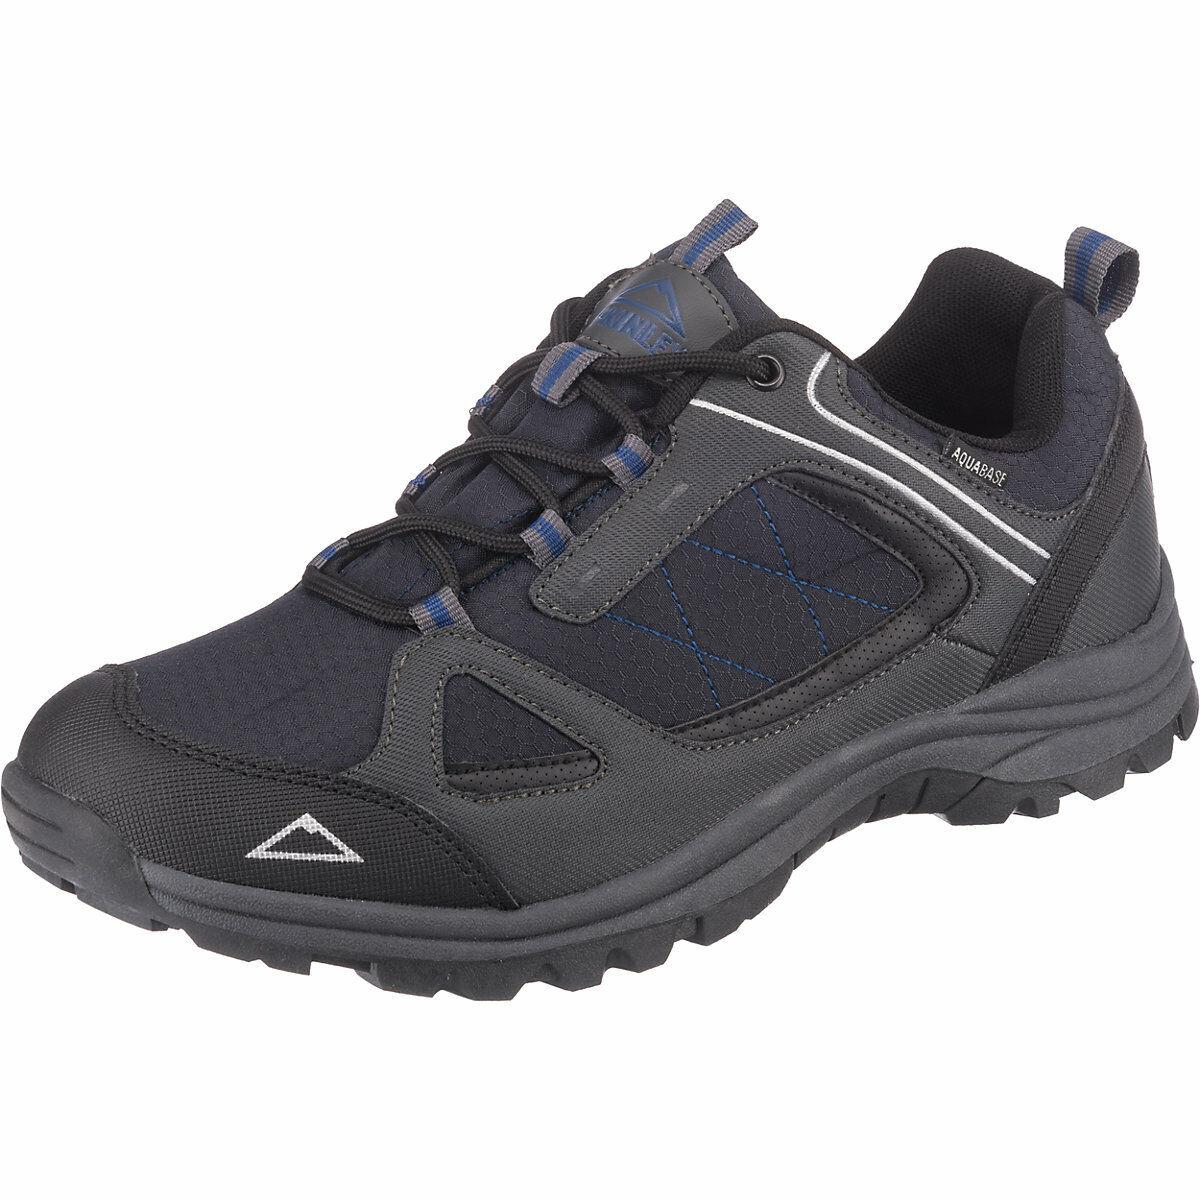 McKinley Maine Herren Outdoor Trekking Wander Freizeit Schuhe  UVP: 59,99 €